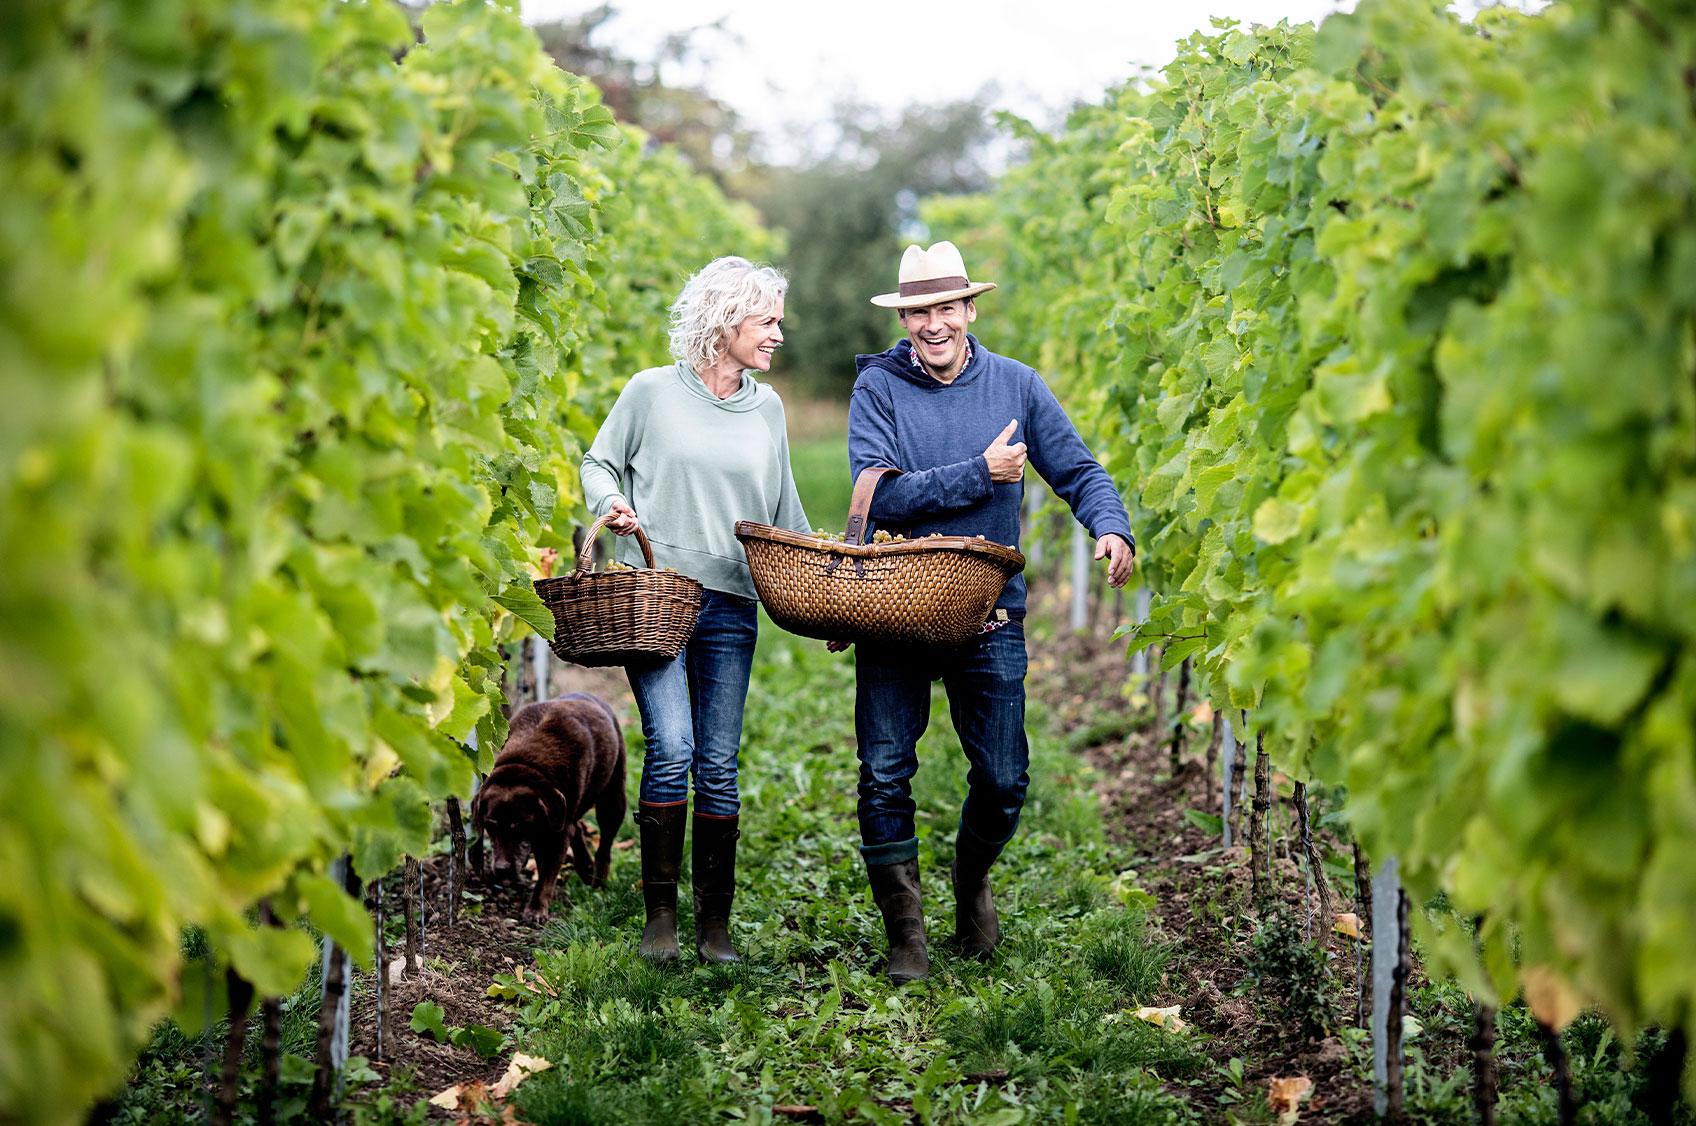 Vinsmagning & rundvisning på Stokkebye vingård